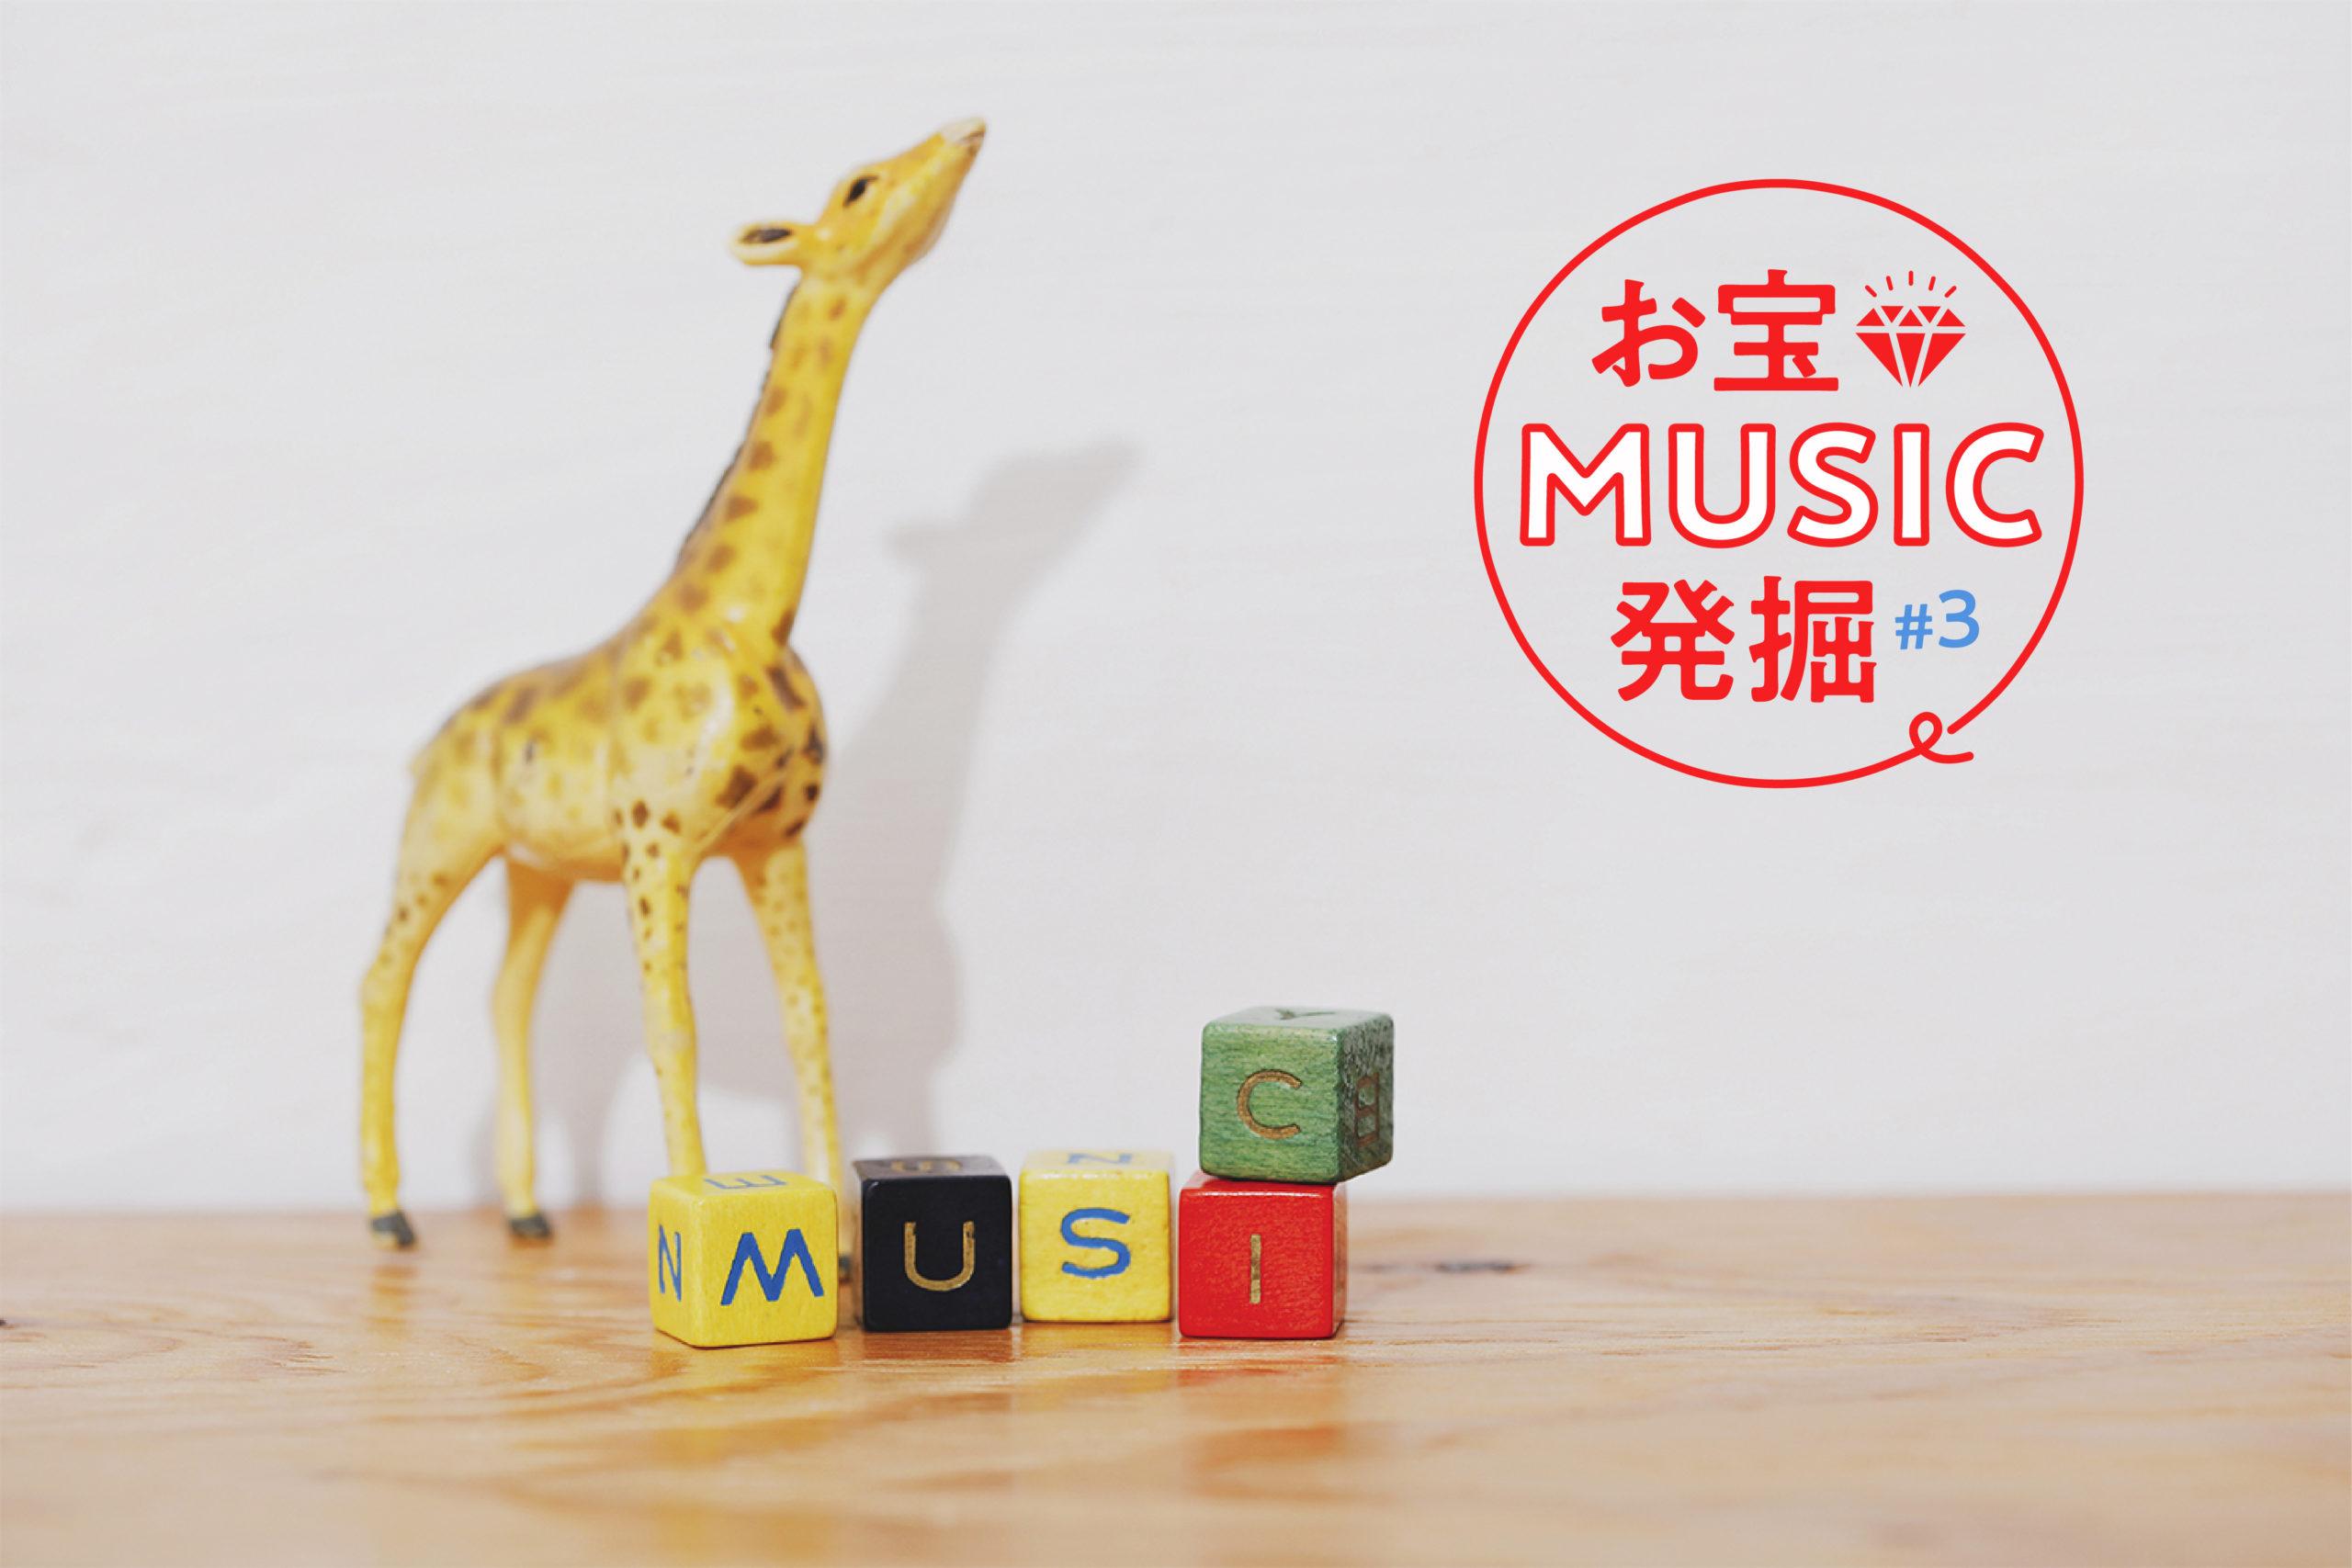 「お宝MUSIC発掘#3 − eastern youth / Nanakamba / ヒプノシスマイク 中王区 言の葉党」のアイキャッチ画像